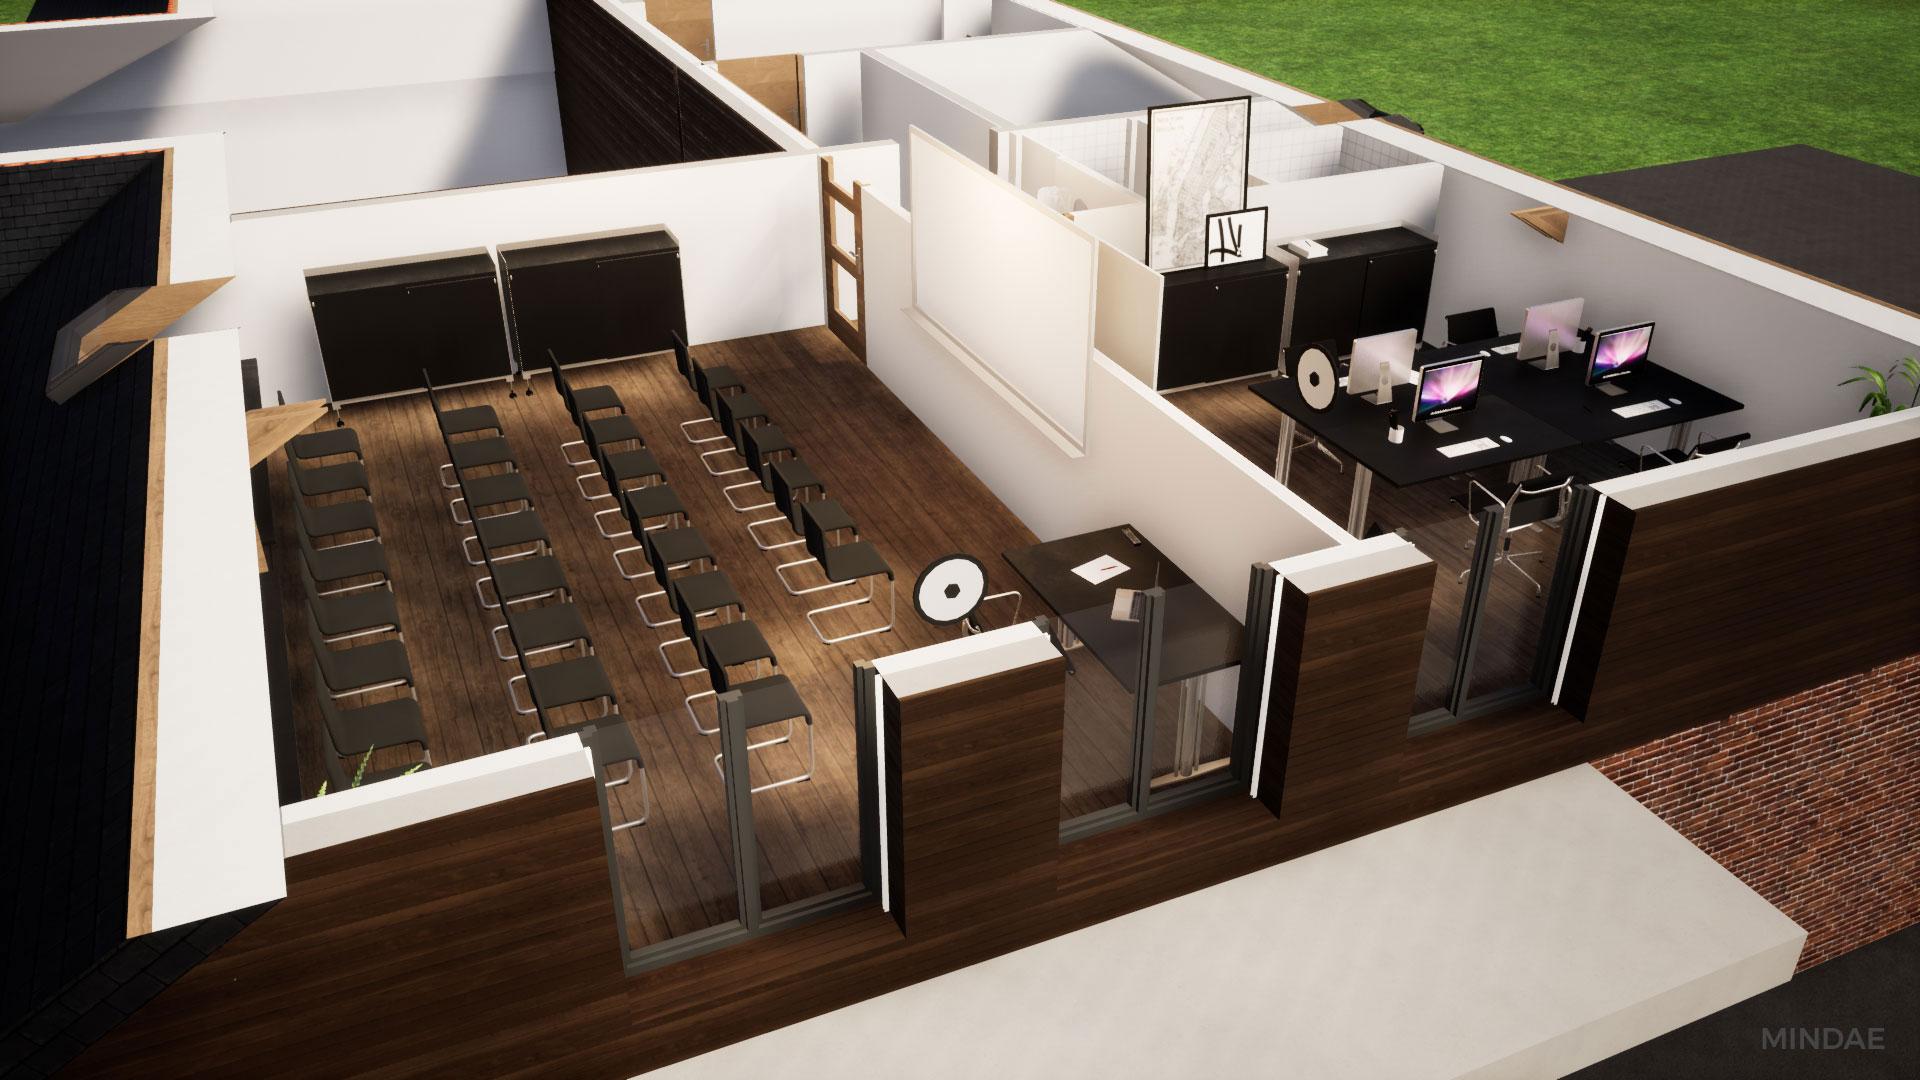 Mindae_golf_caen_3D_espace_bureaux_professionnel_conference-(3)